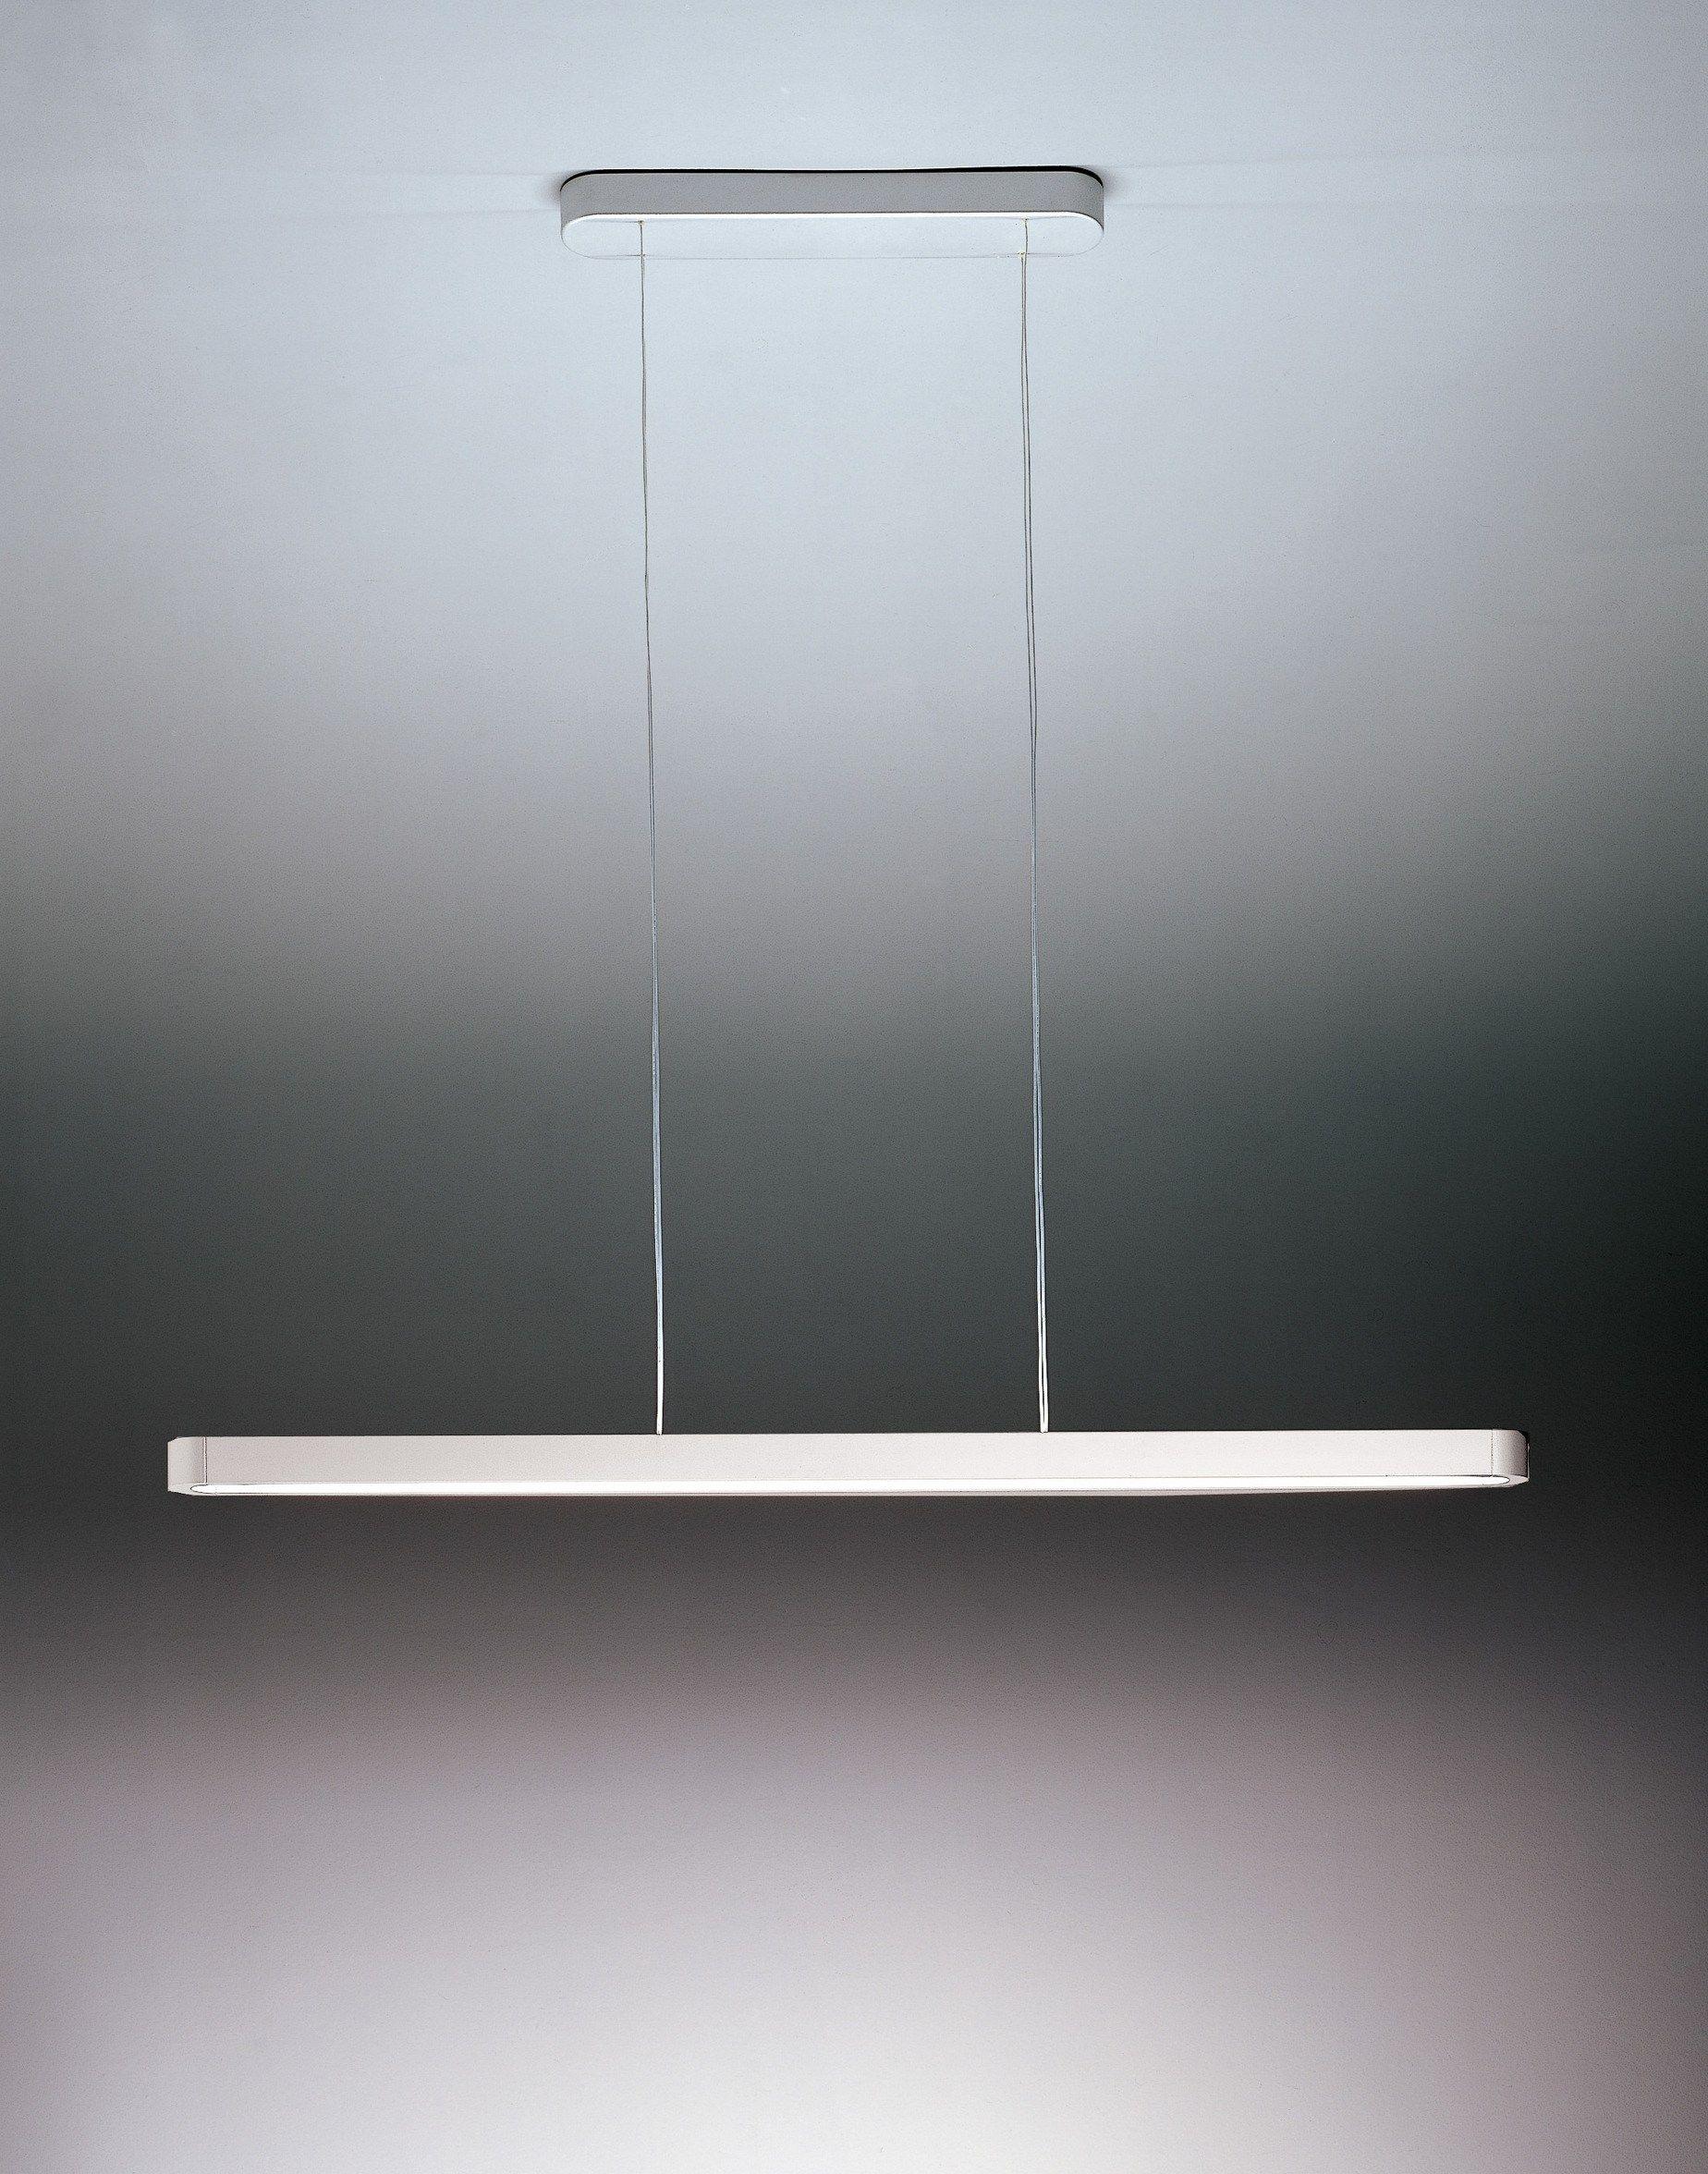 Talo lampada a sospensione by artemide design neil poulton - Lampada sospensione design ...